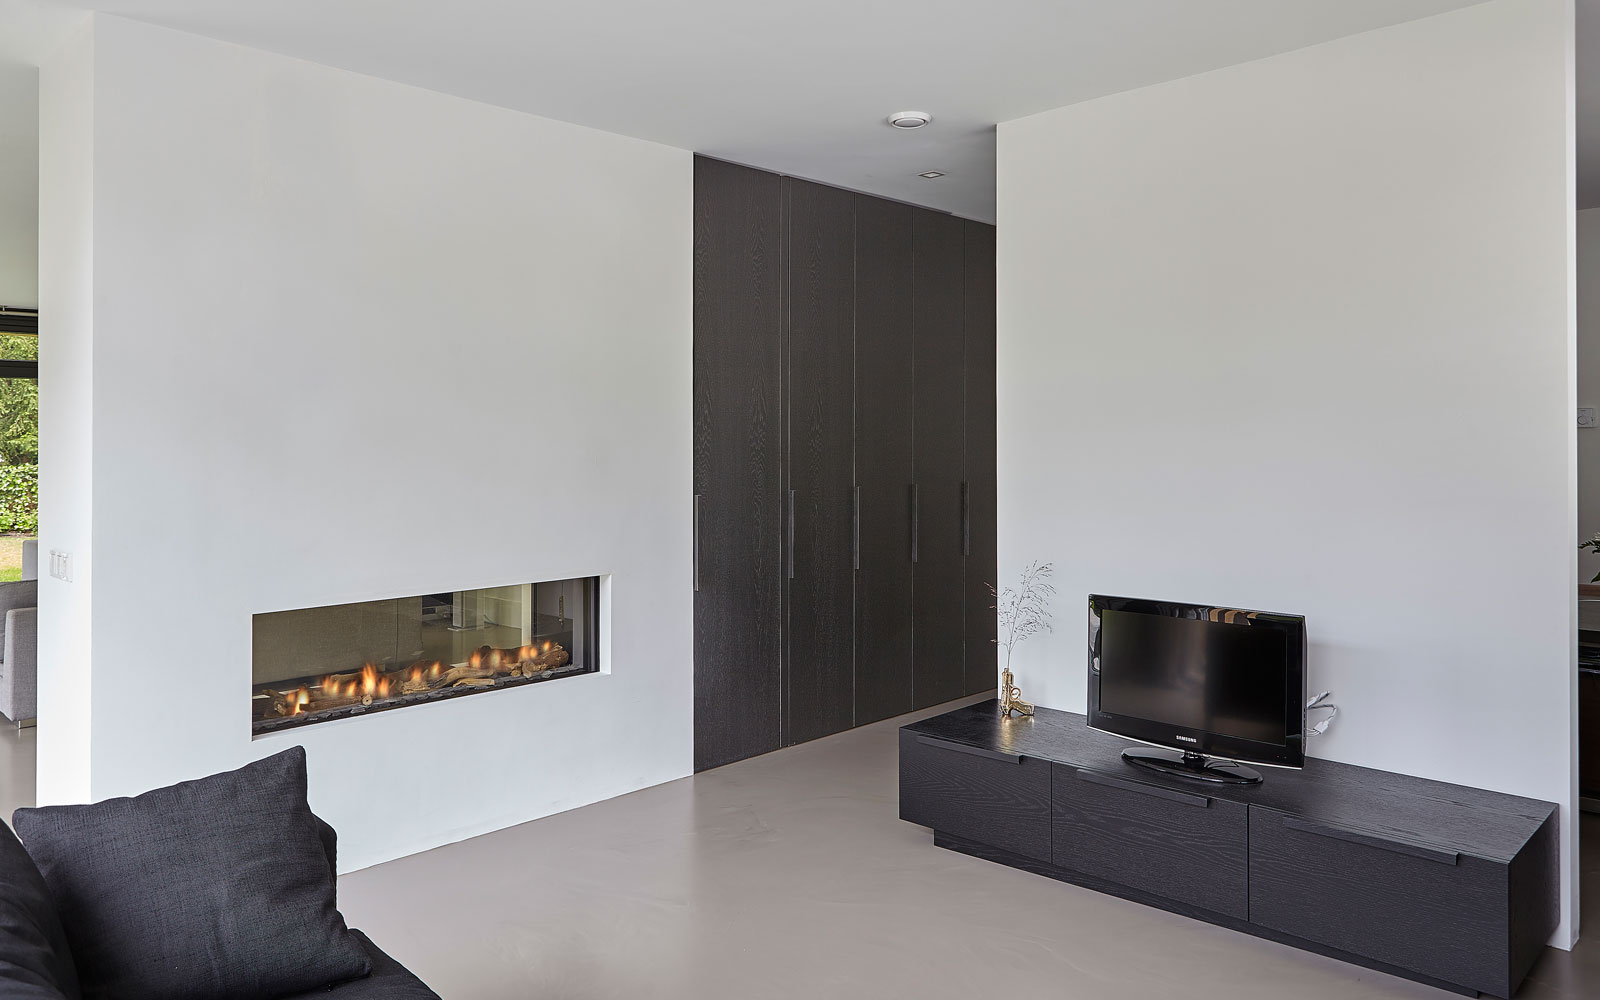 Woonkamer, open haard, sfeervol, gietvloer, donkere kleuren, televisie, minimalistisch, tijdloos, Marco van Veldhuizen